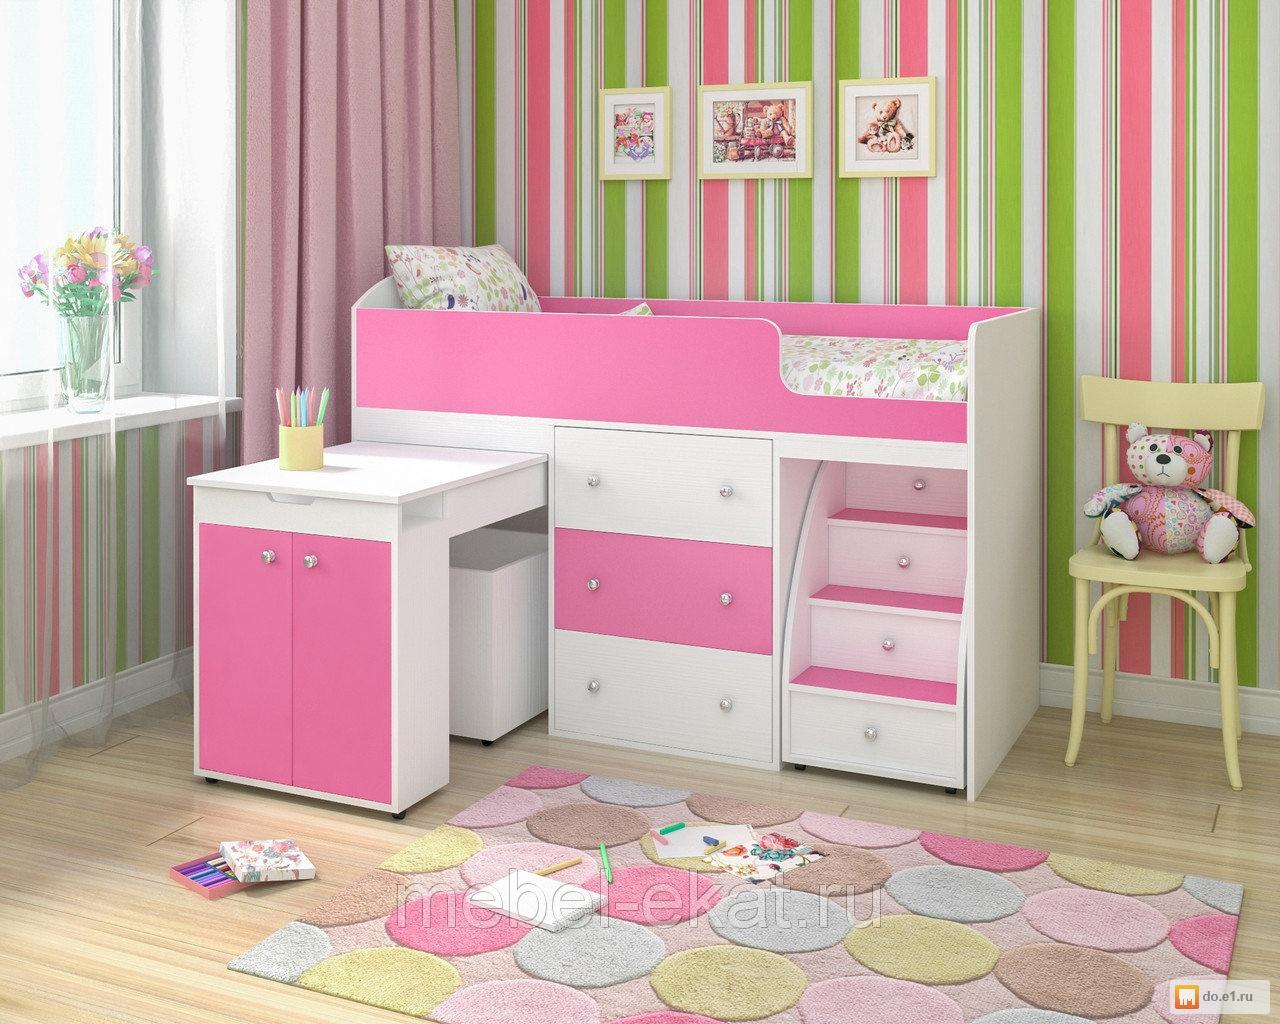 Приятные оттенки детской комнаты